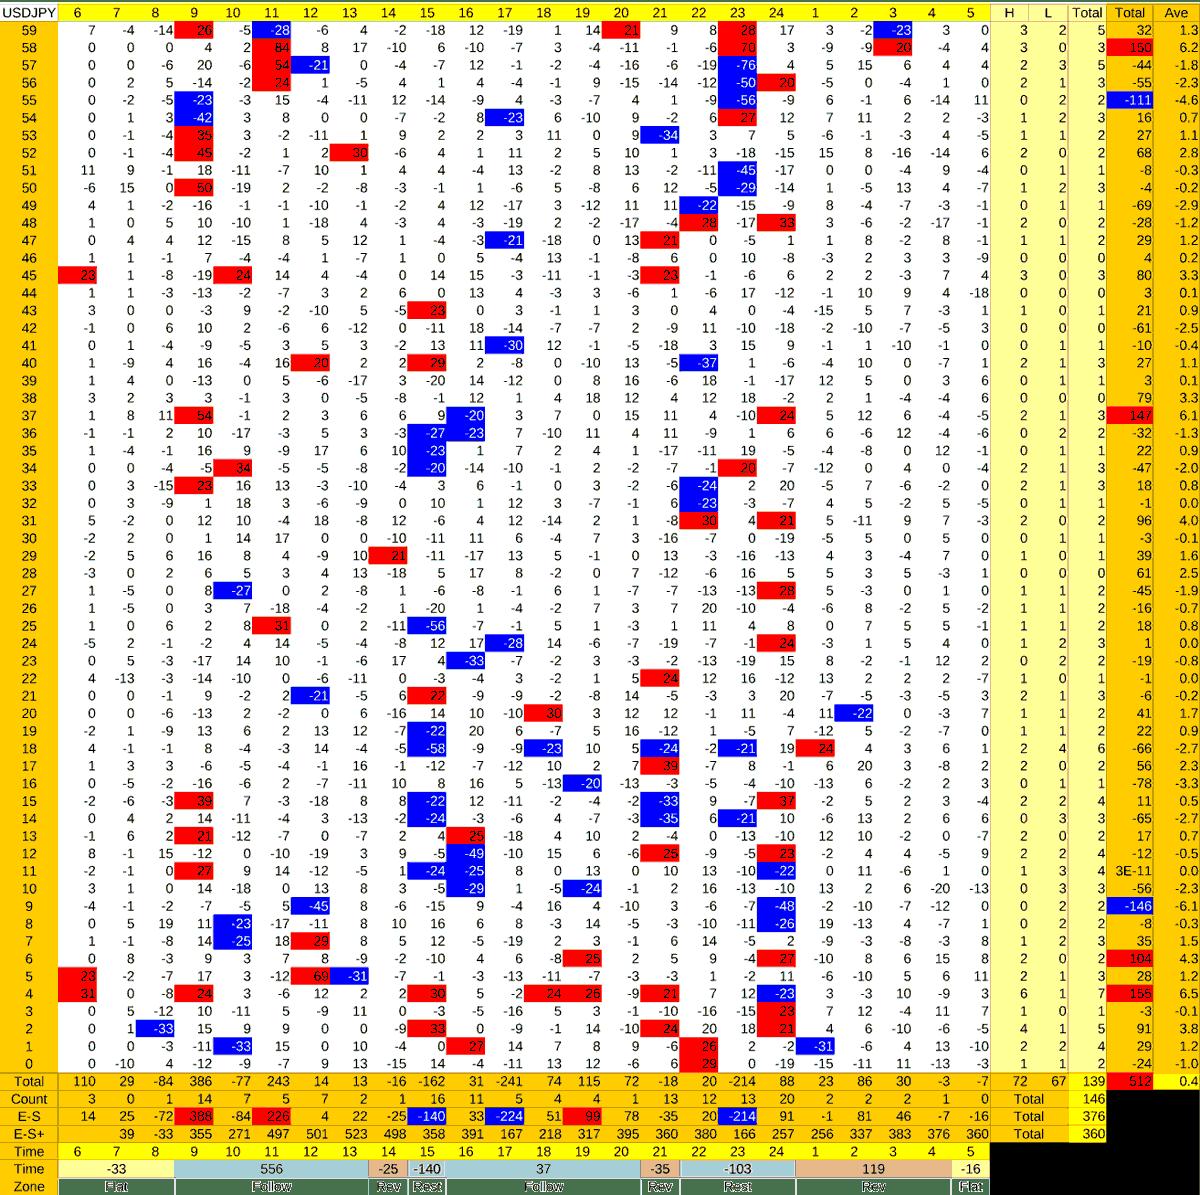 20210331_HS(1)USDJPY-min